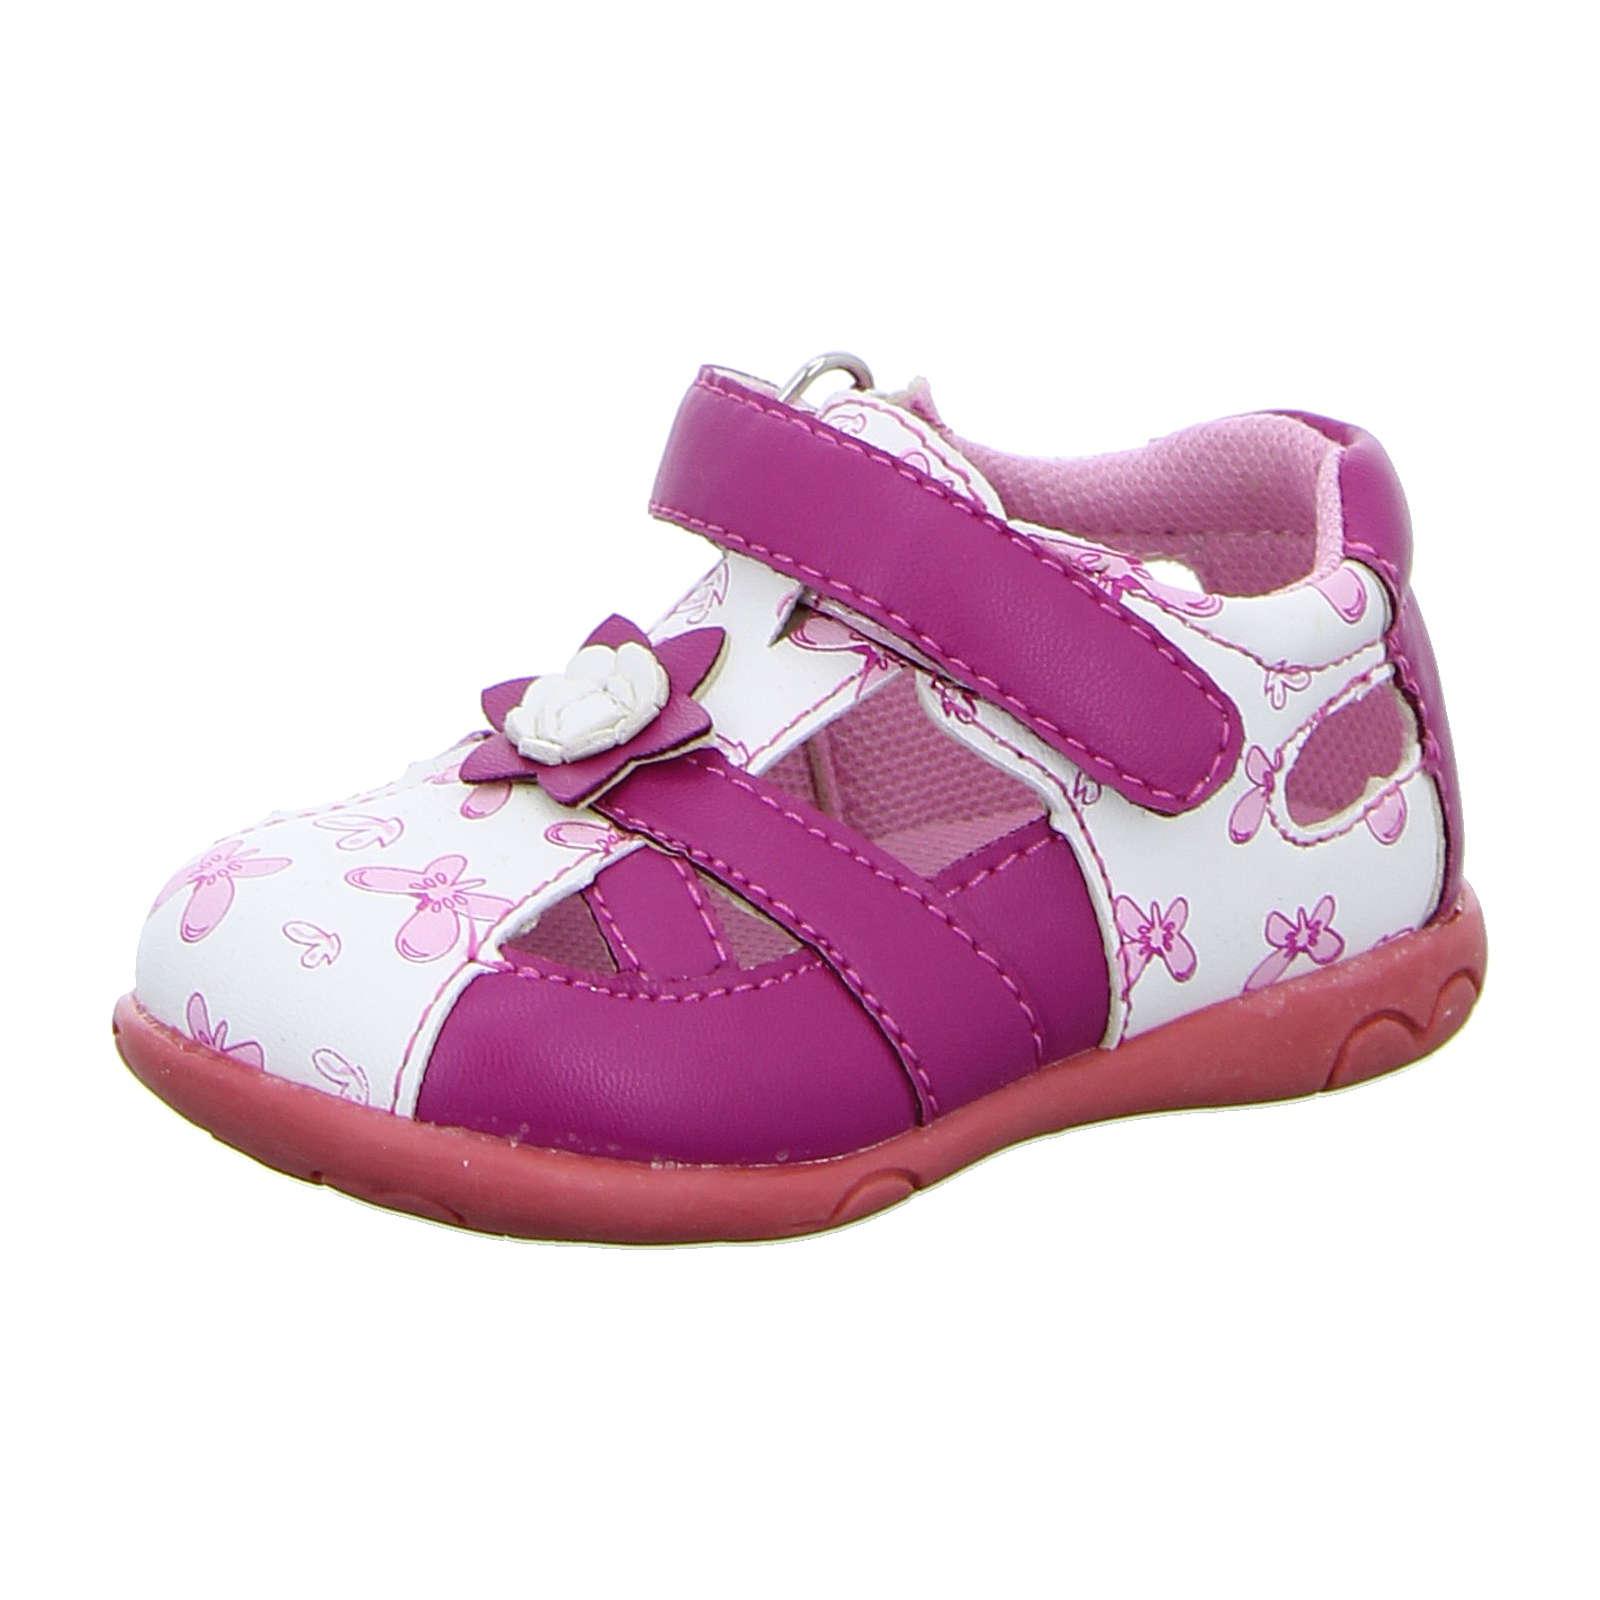 Tortuga Academy Sandalen für Mädchen pink Mädchen Gr. 22